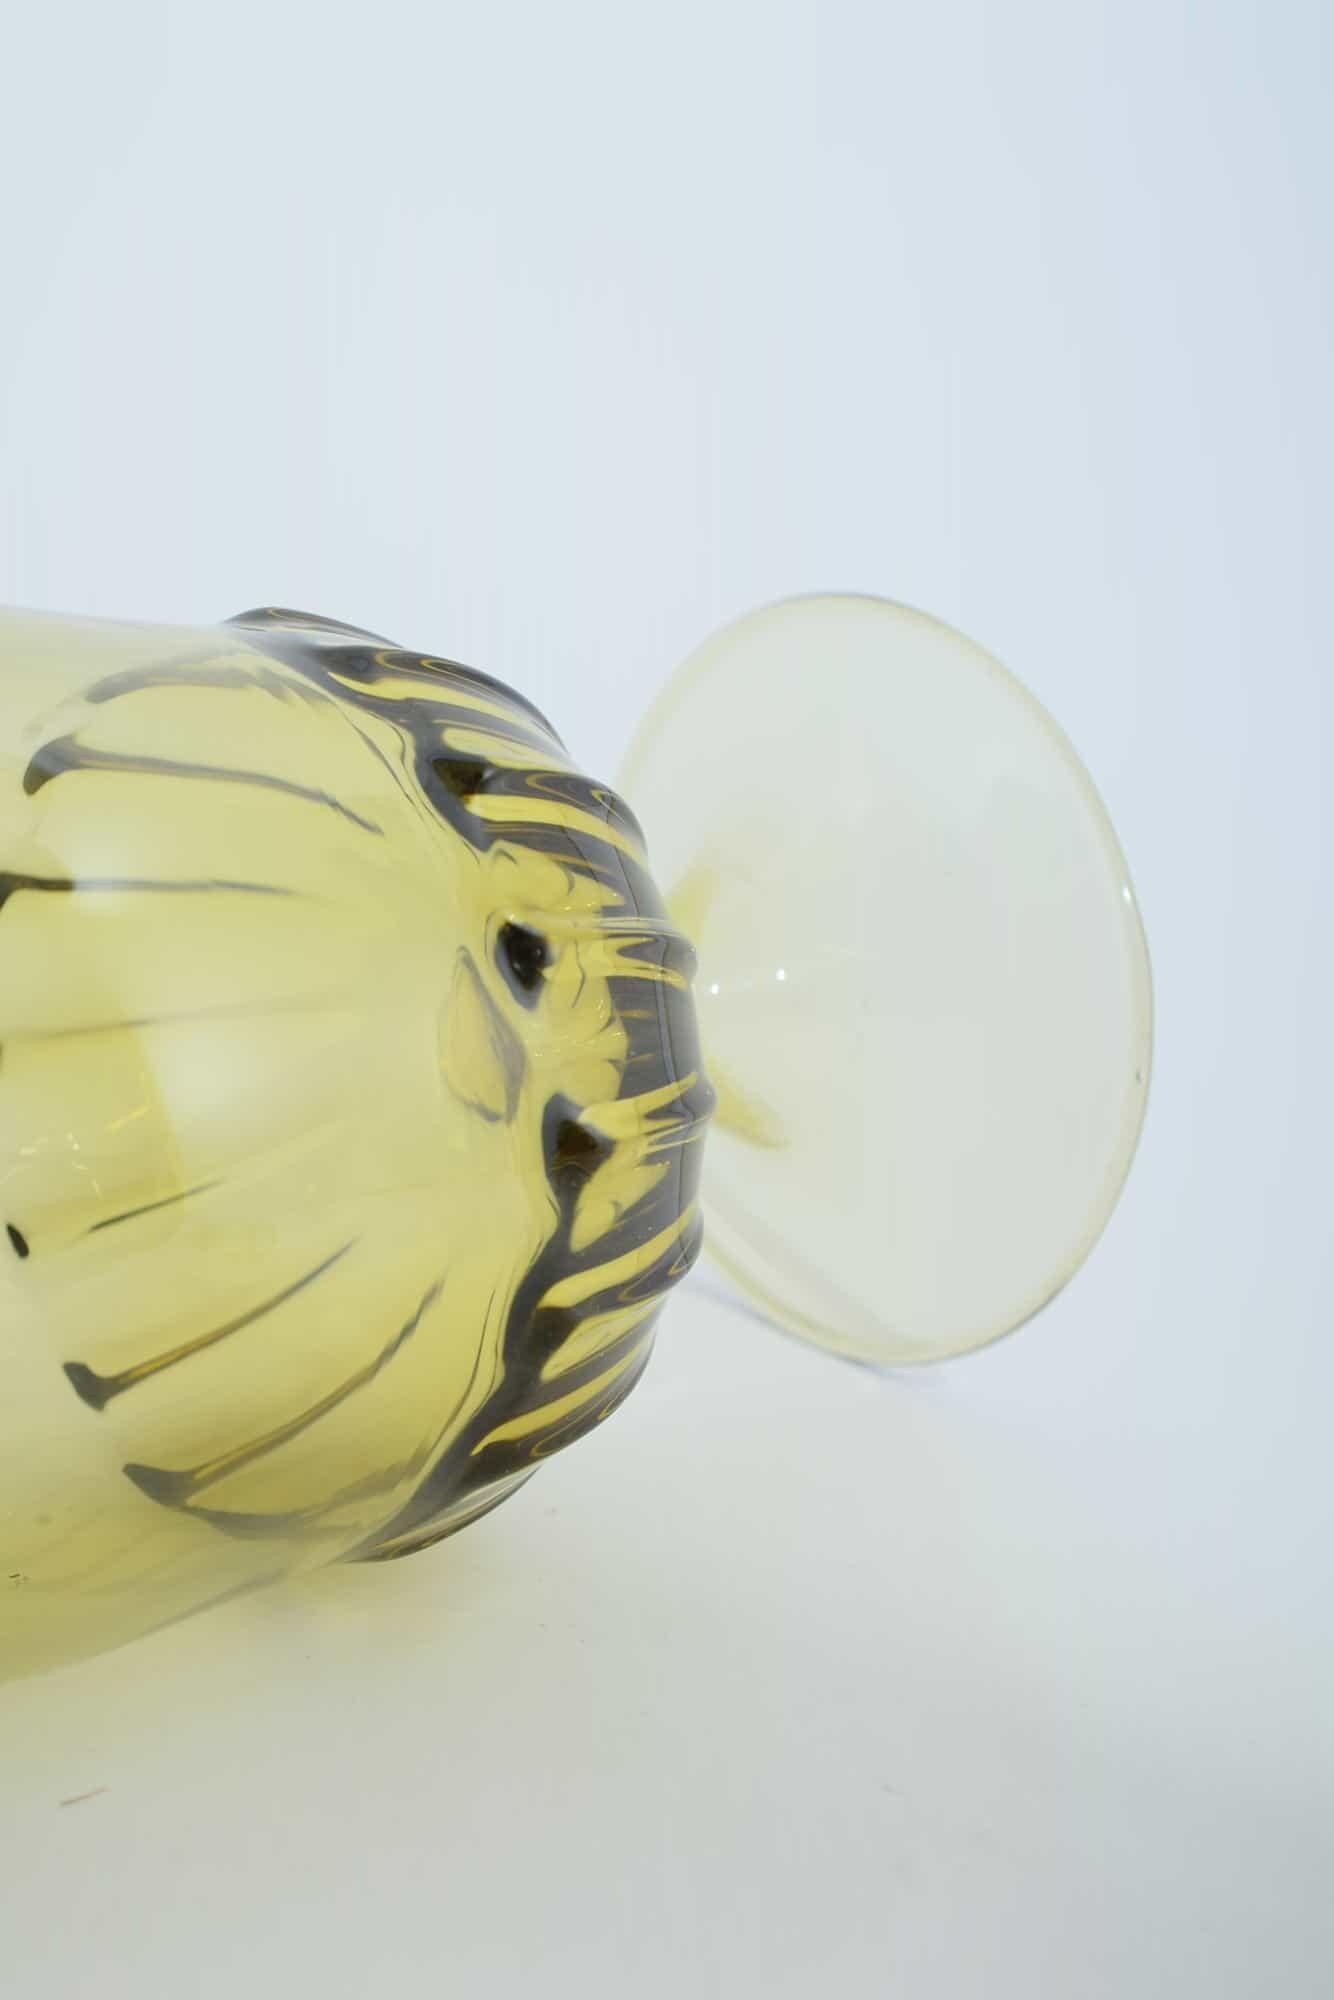 Vittorio Zecchin Бутылка из муранского стекла 30-х годов - (Art. 38843)